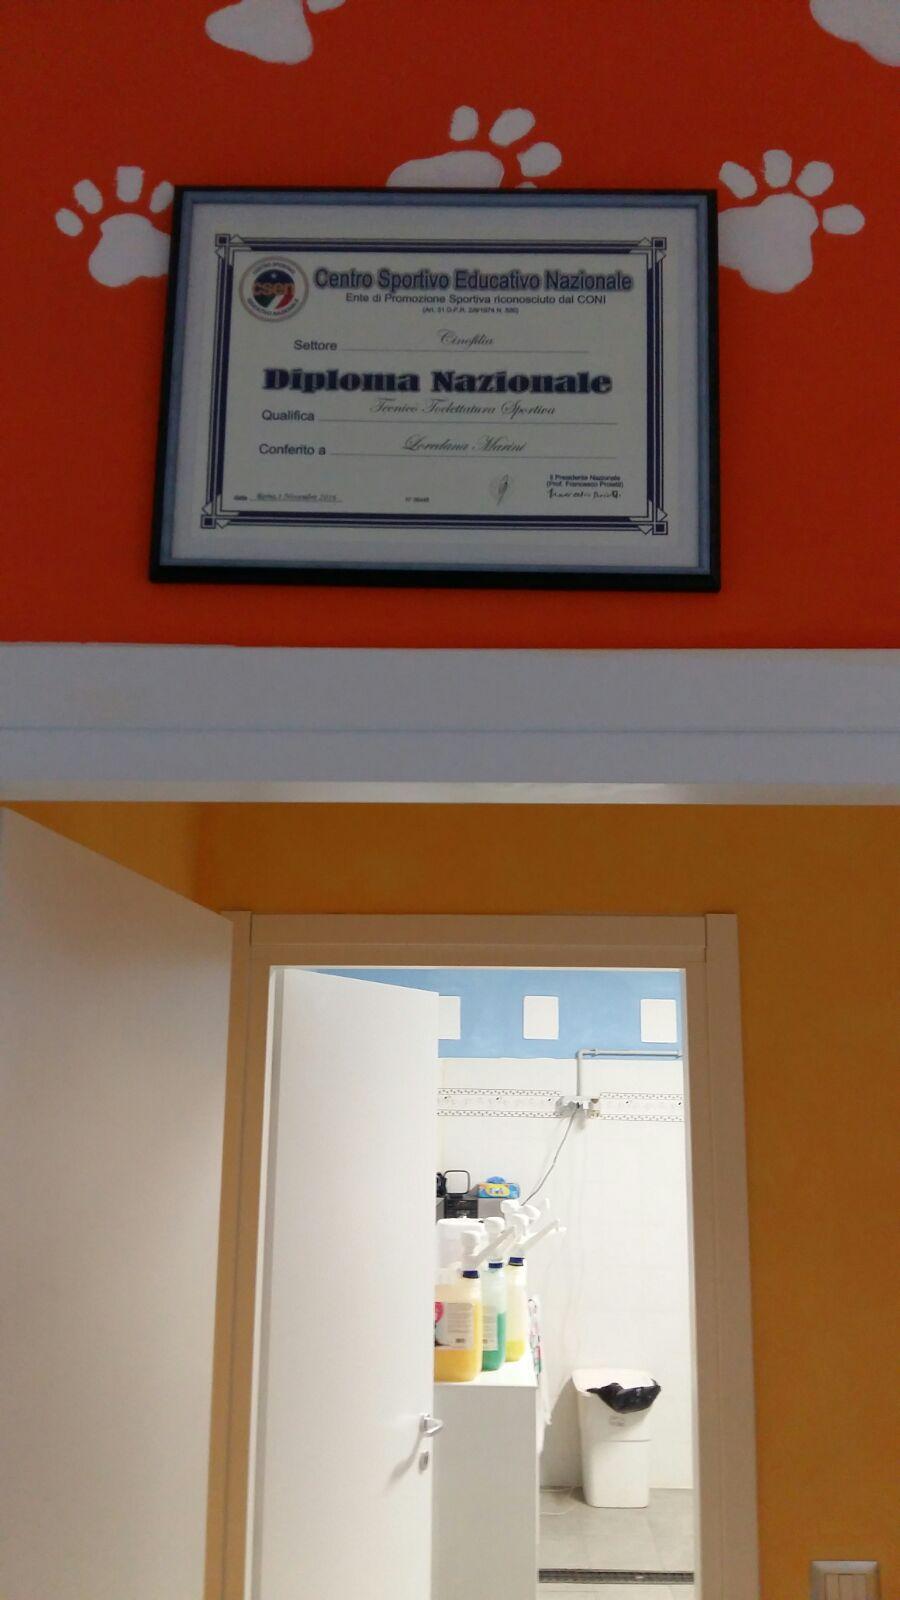 Un muro dipinto in arancione con un'attestazione appesa